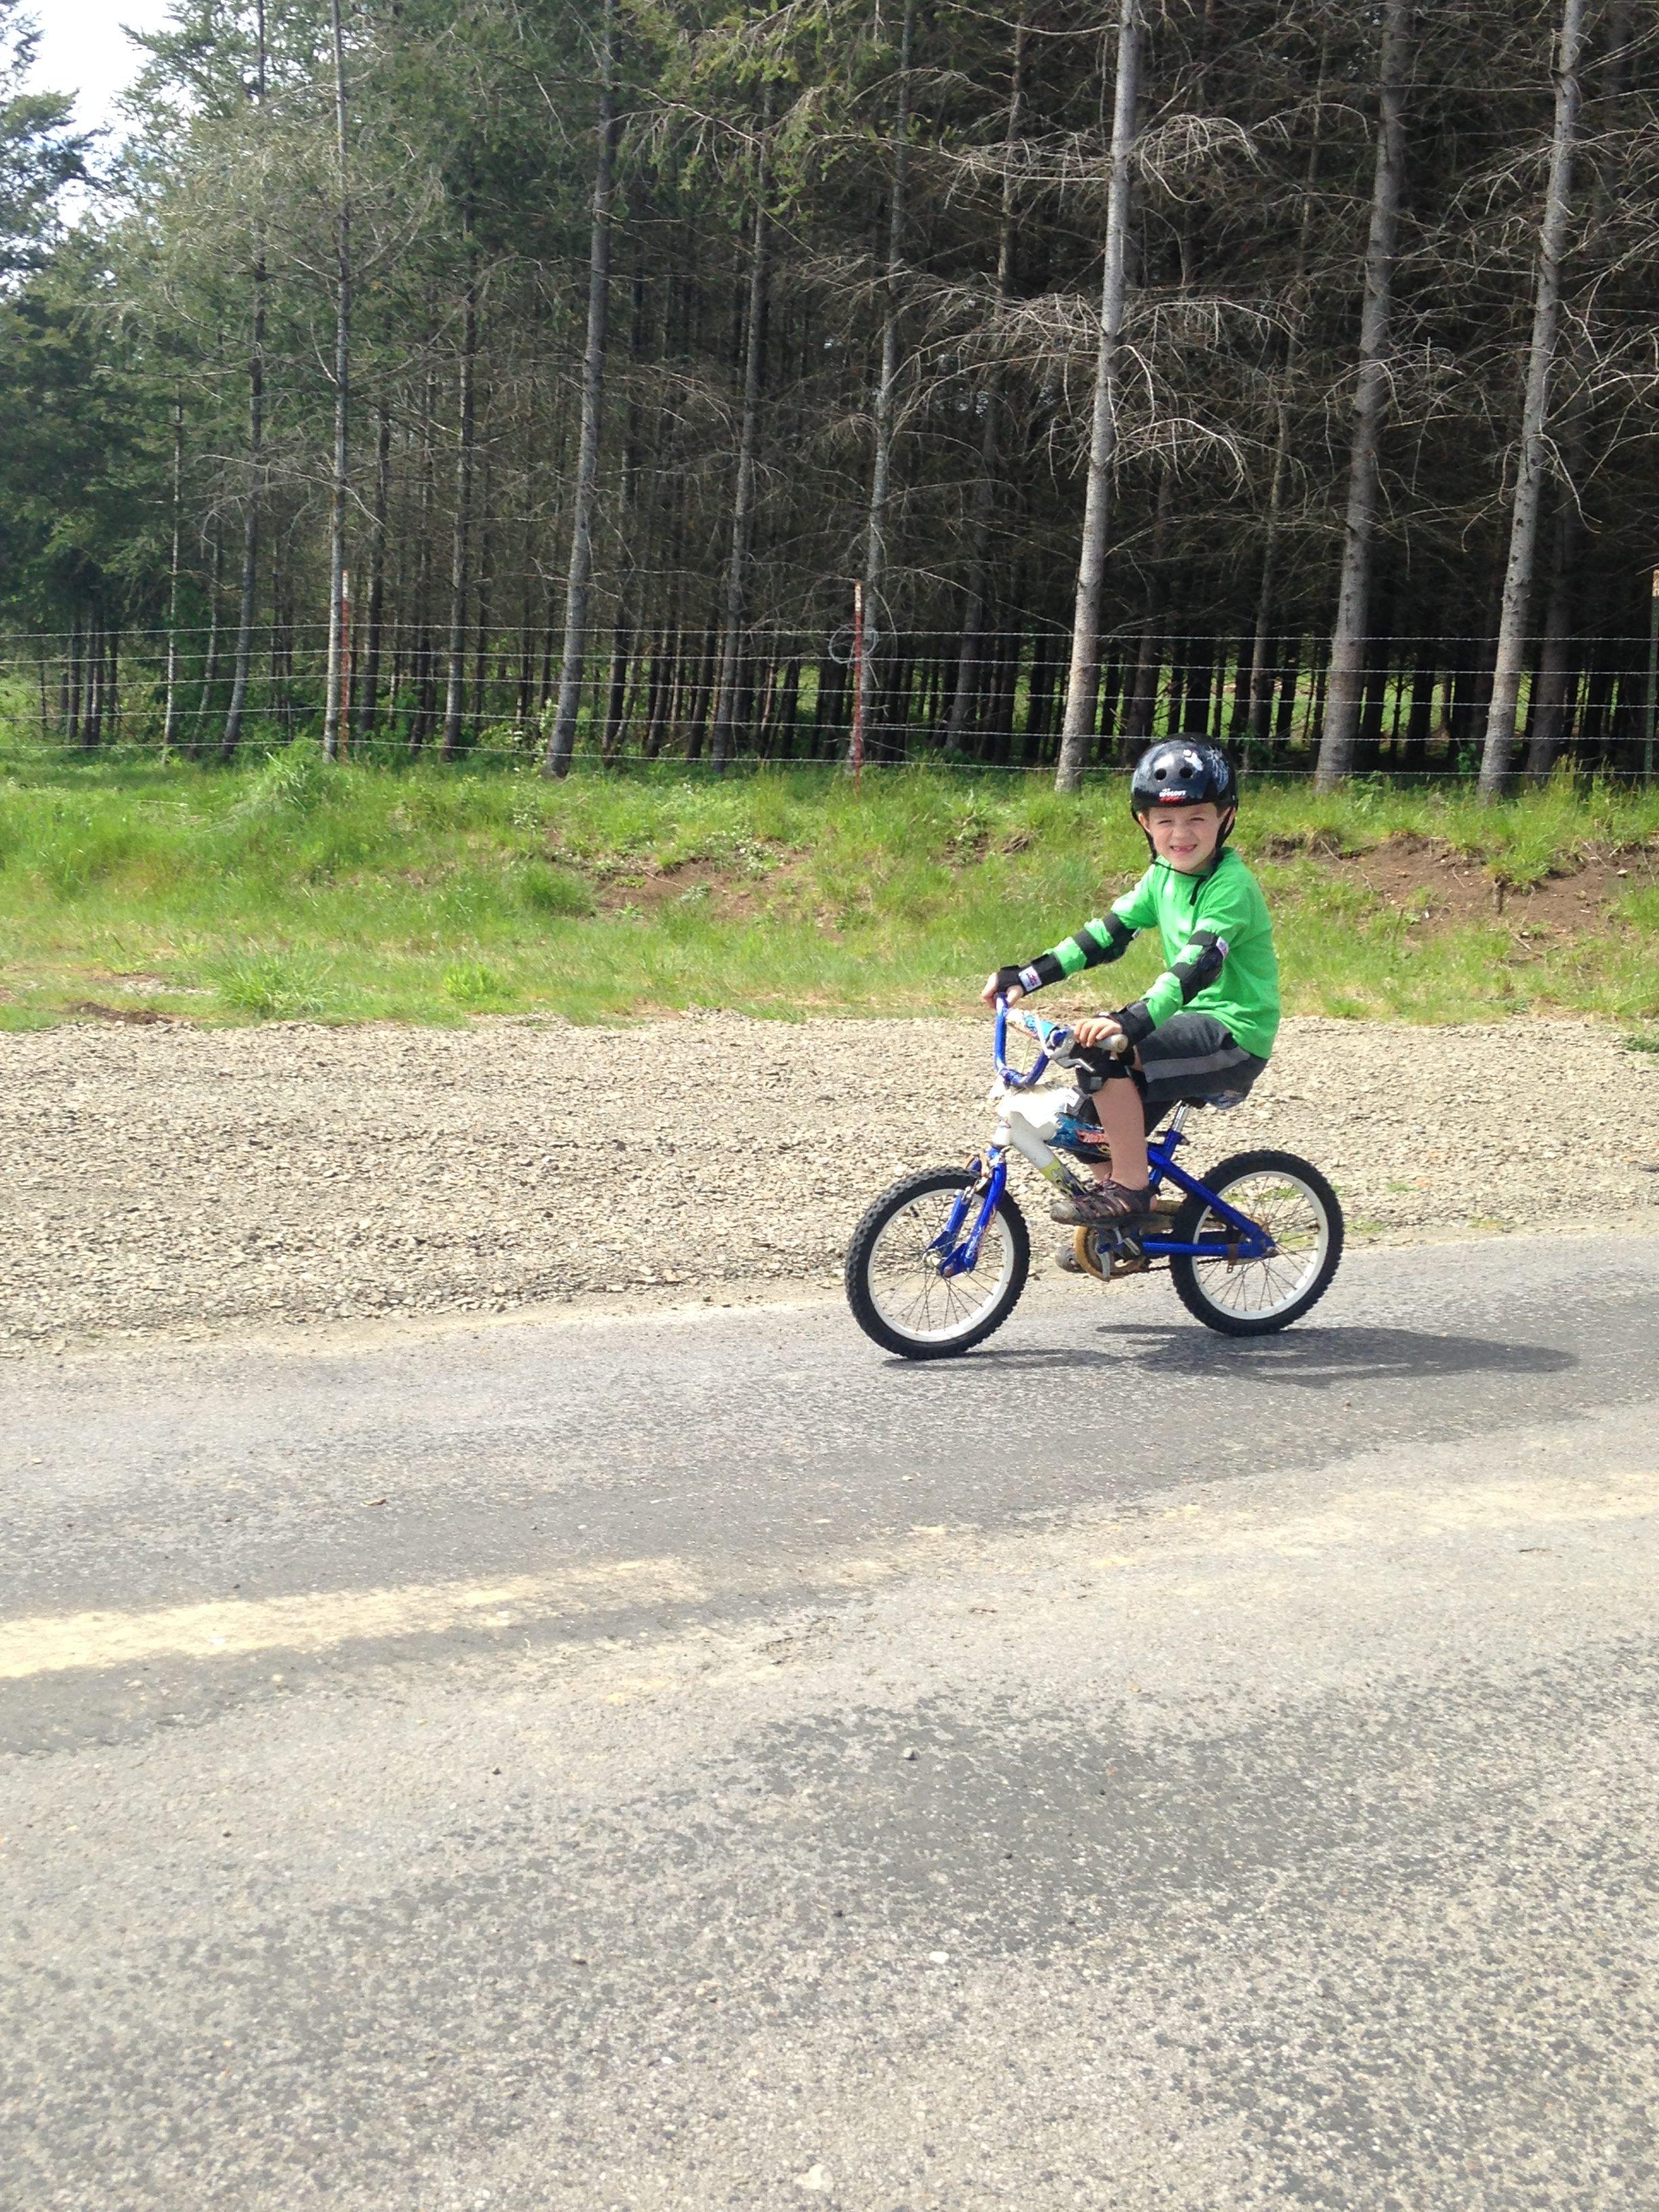 Bicycle Helmet Safety Worksheets